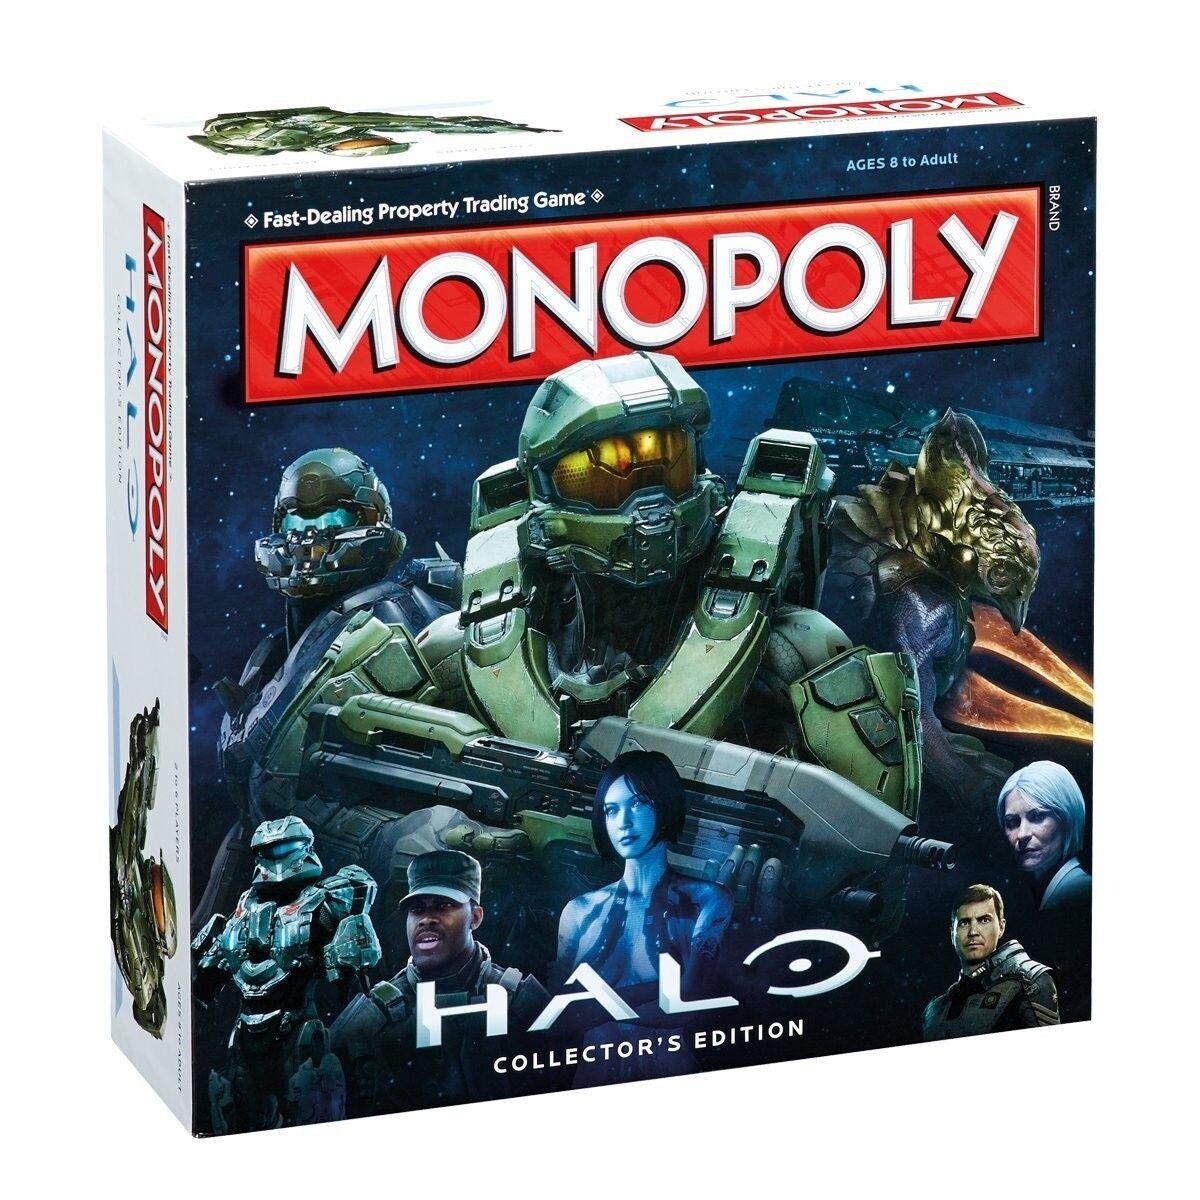 Monopol halo collector 's edition deutsch brettspiel brettspiel